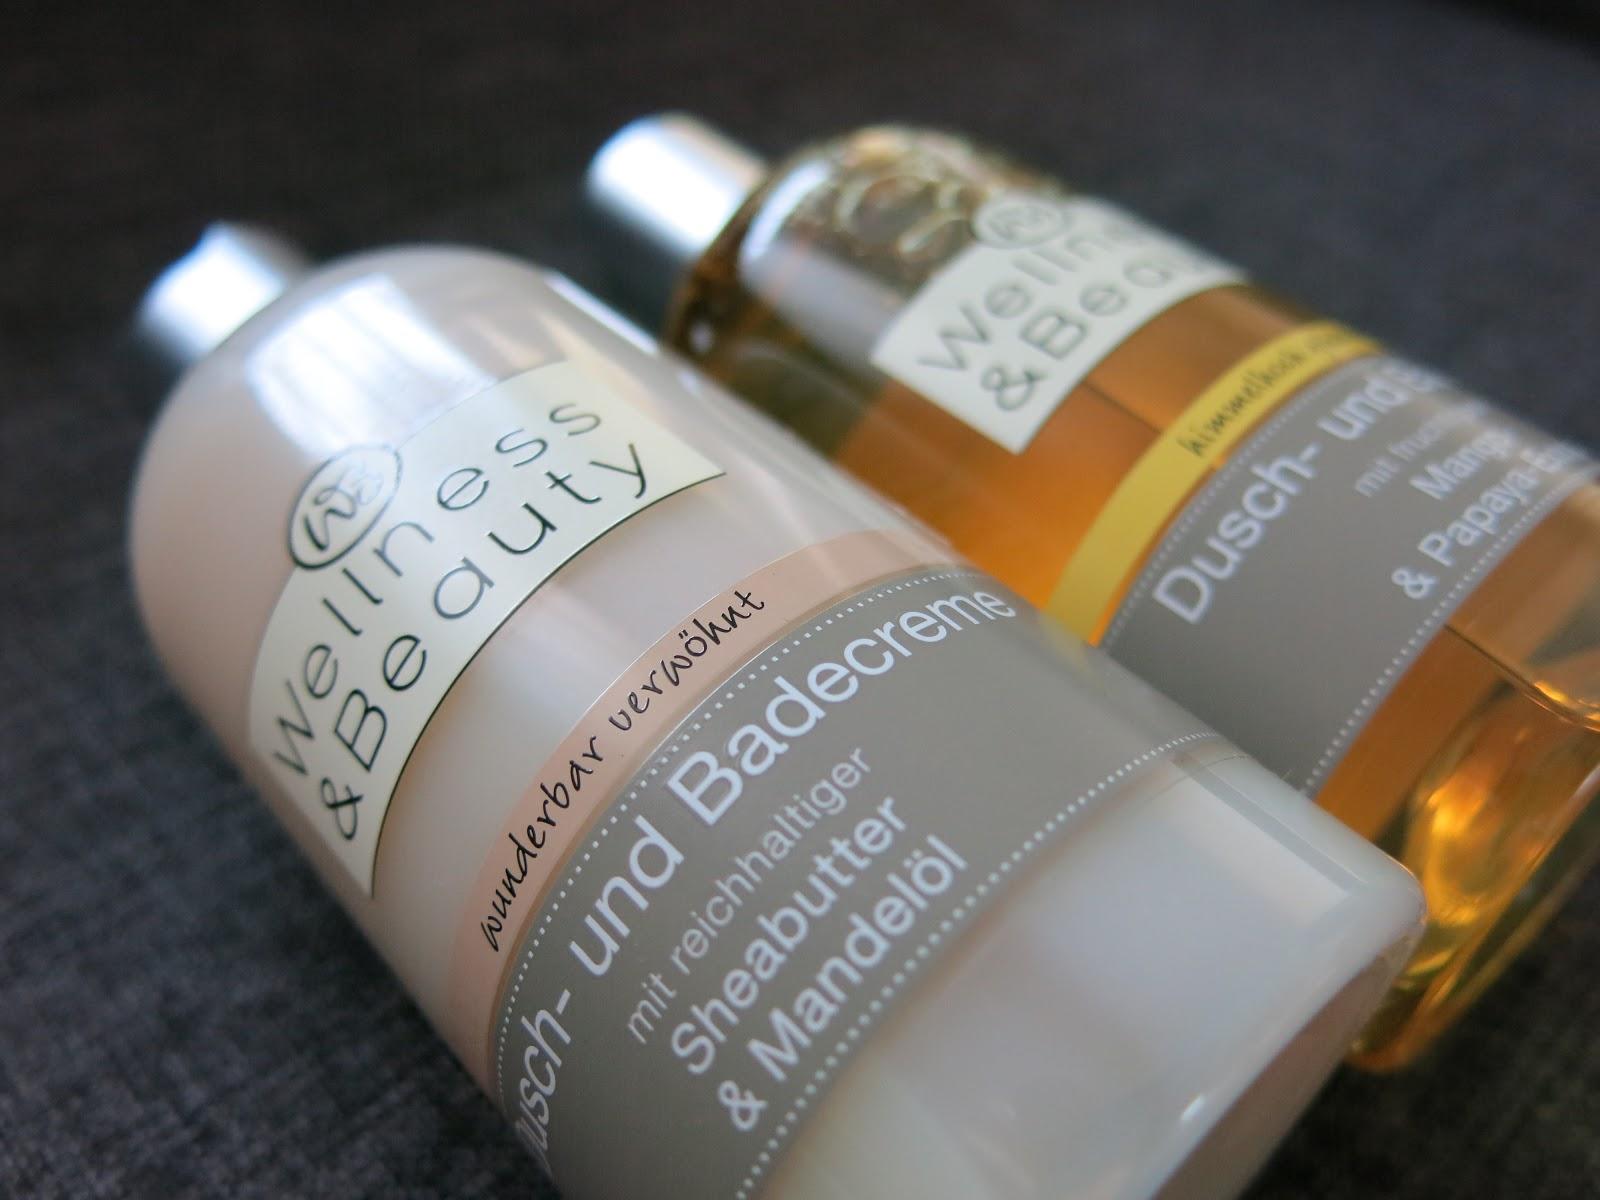 Wellness & Beauty, żele pod prysznic: Masło shea i olej migdałowy oraz Mango i papaja.